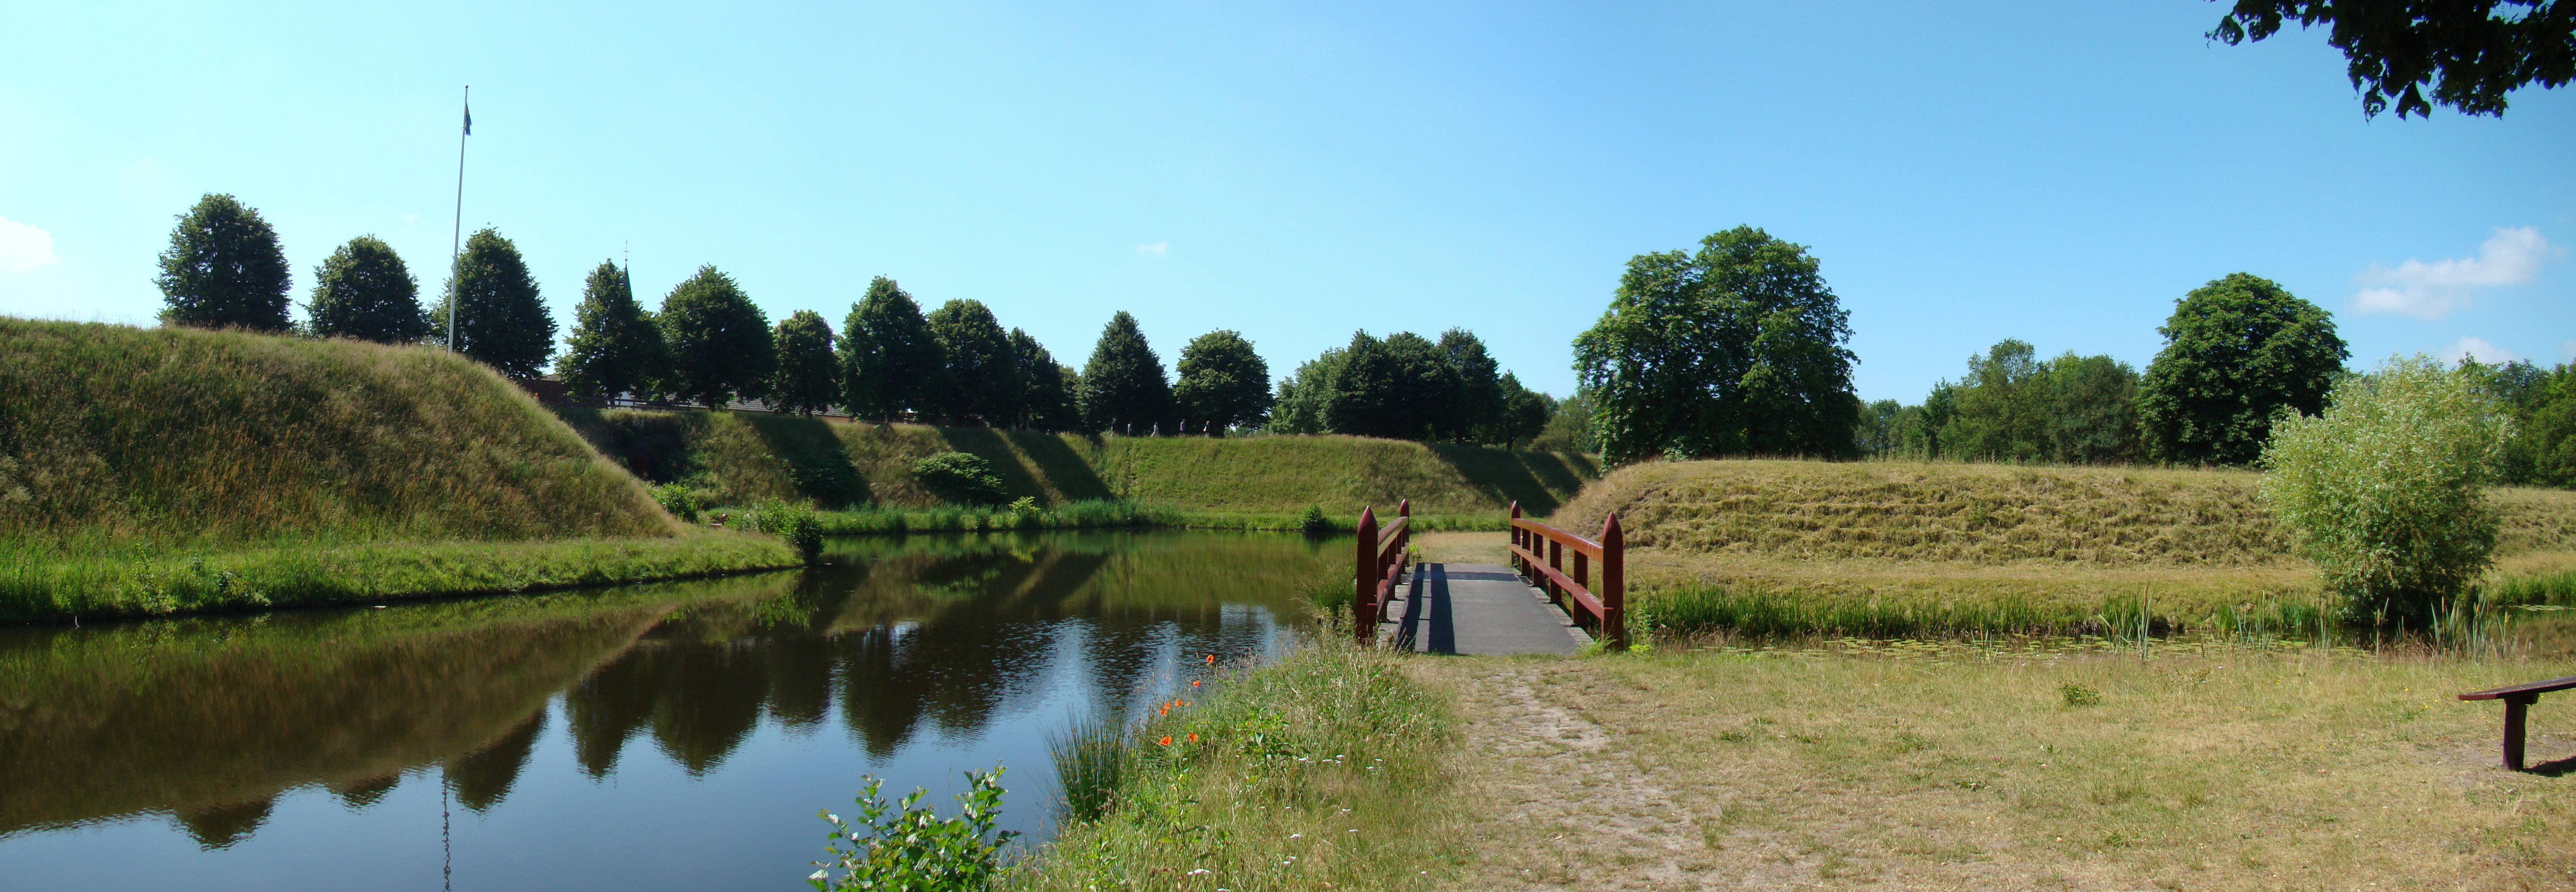 Источник: http://www.bracom.nl/